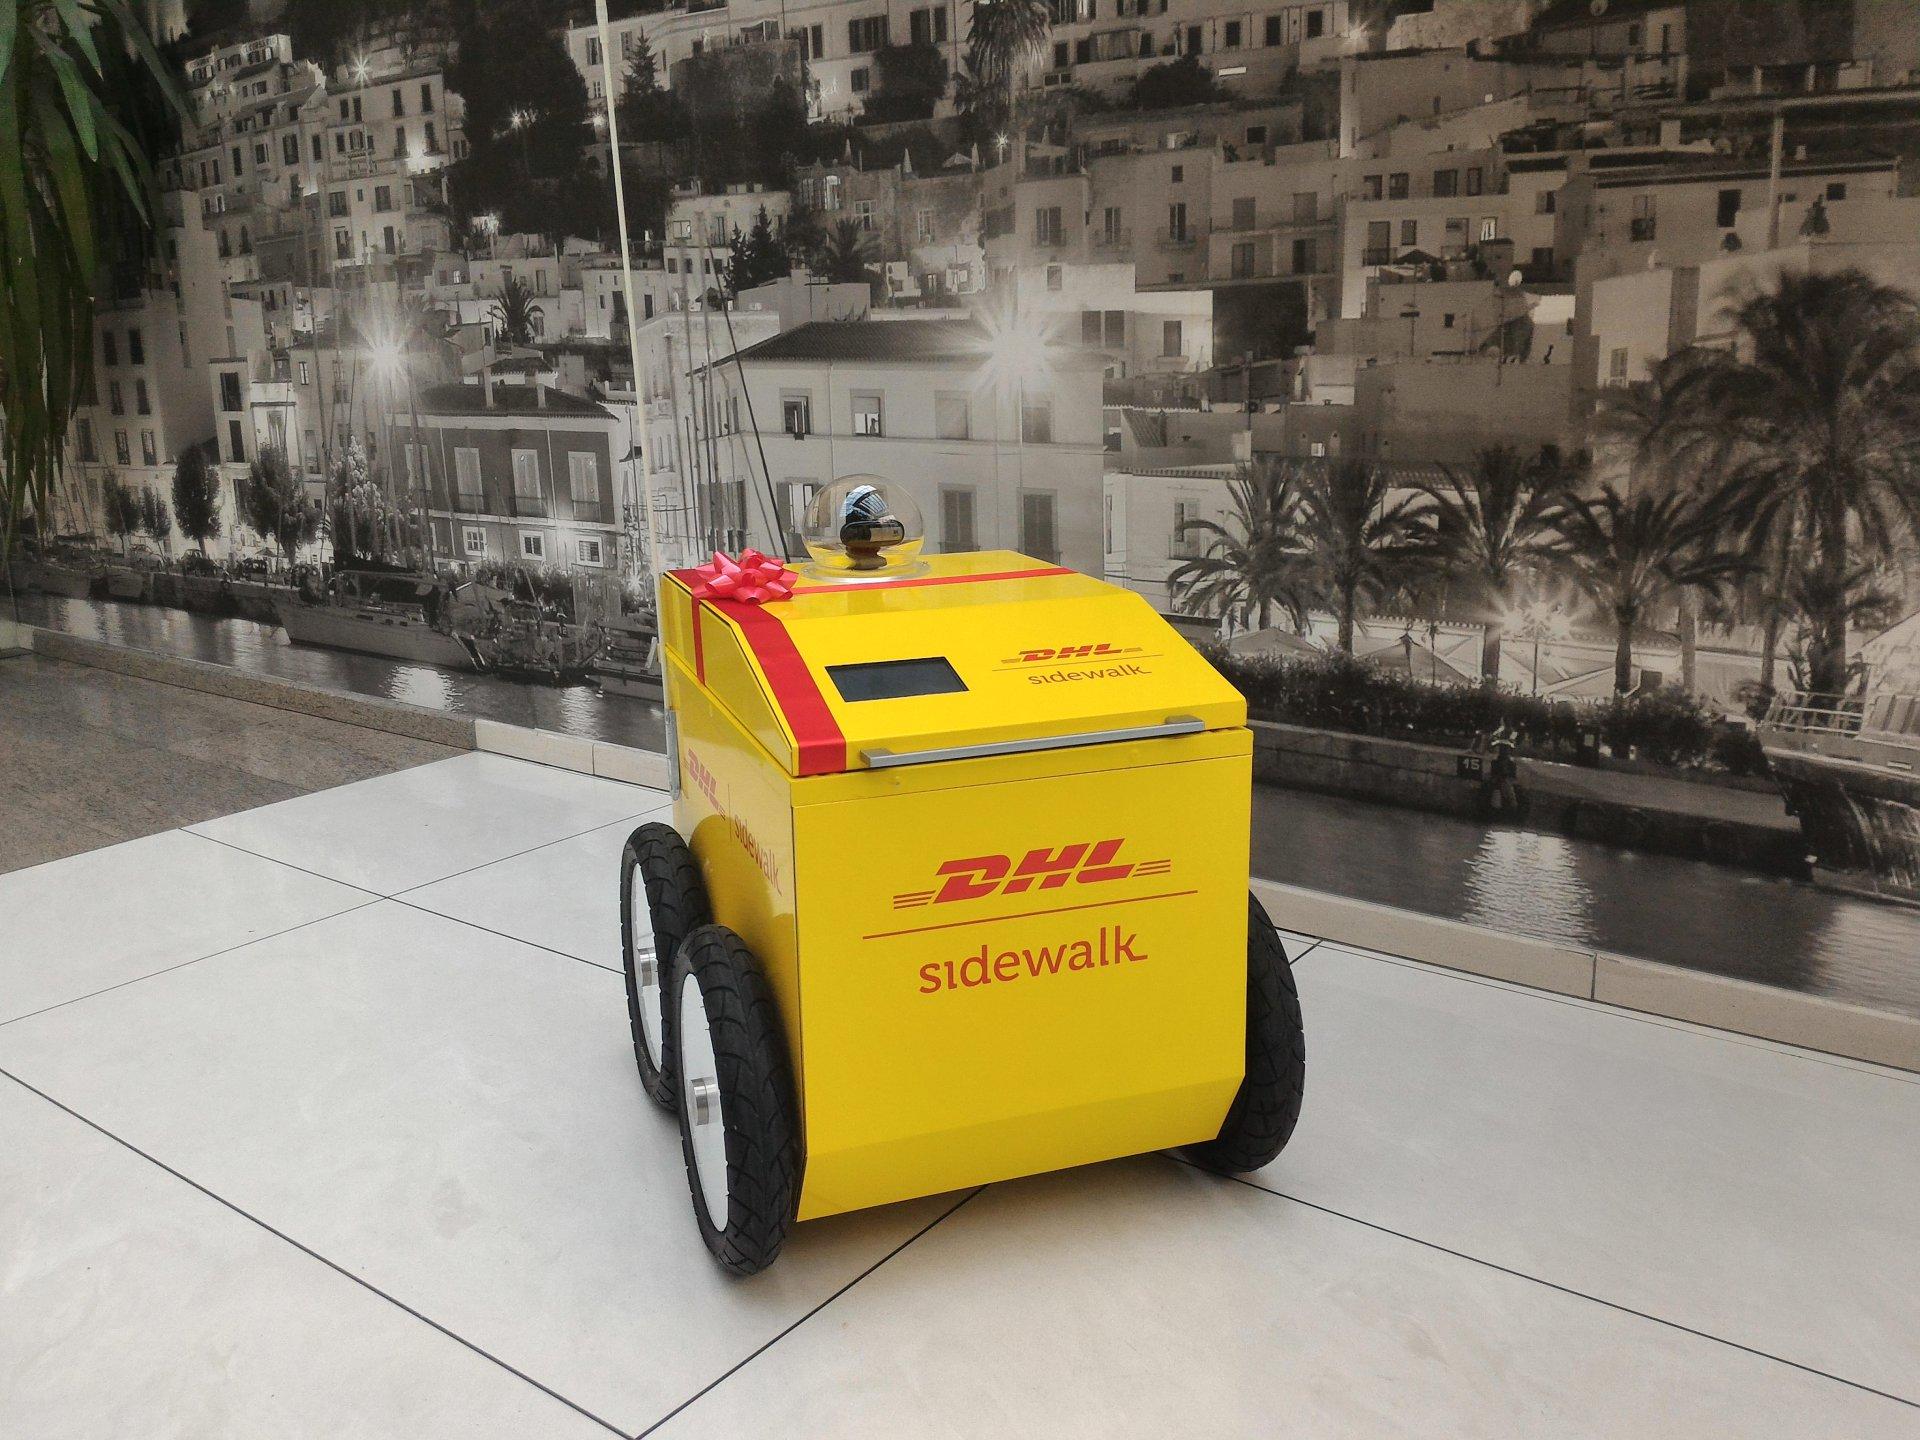 DHL sidewalk delivery robot